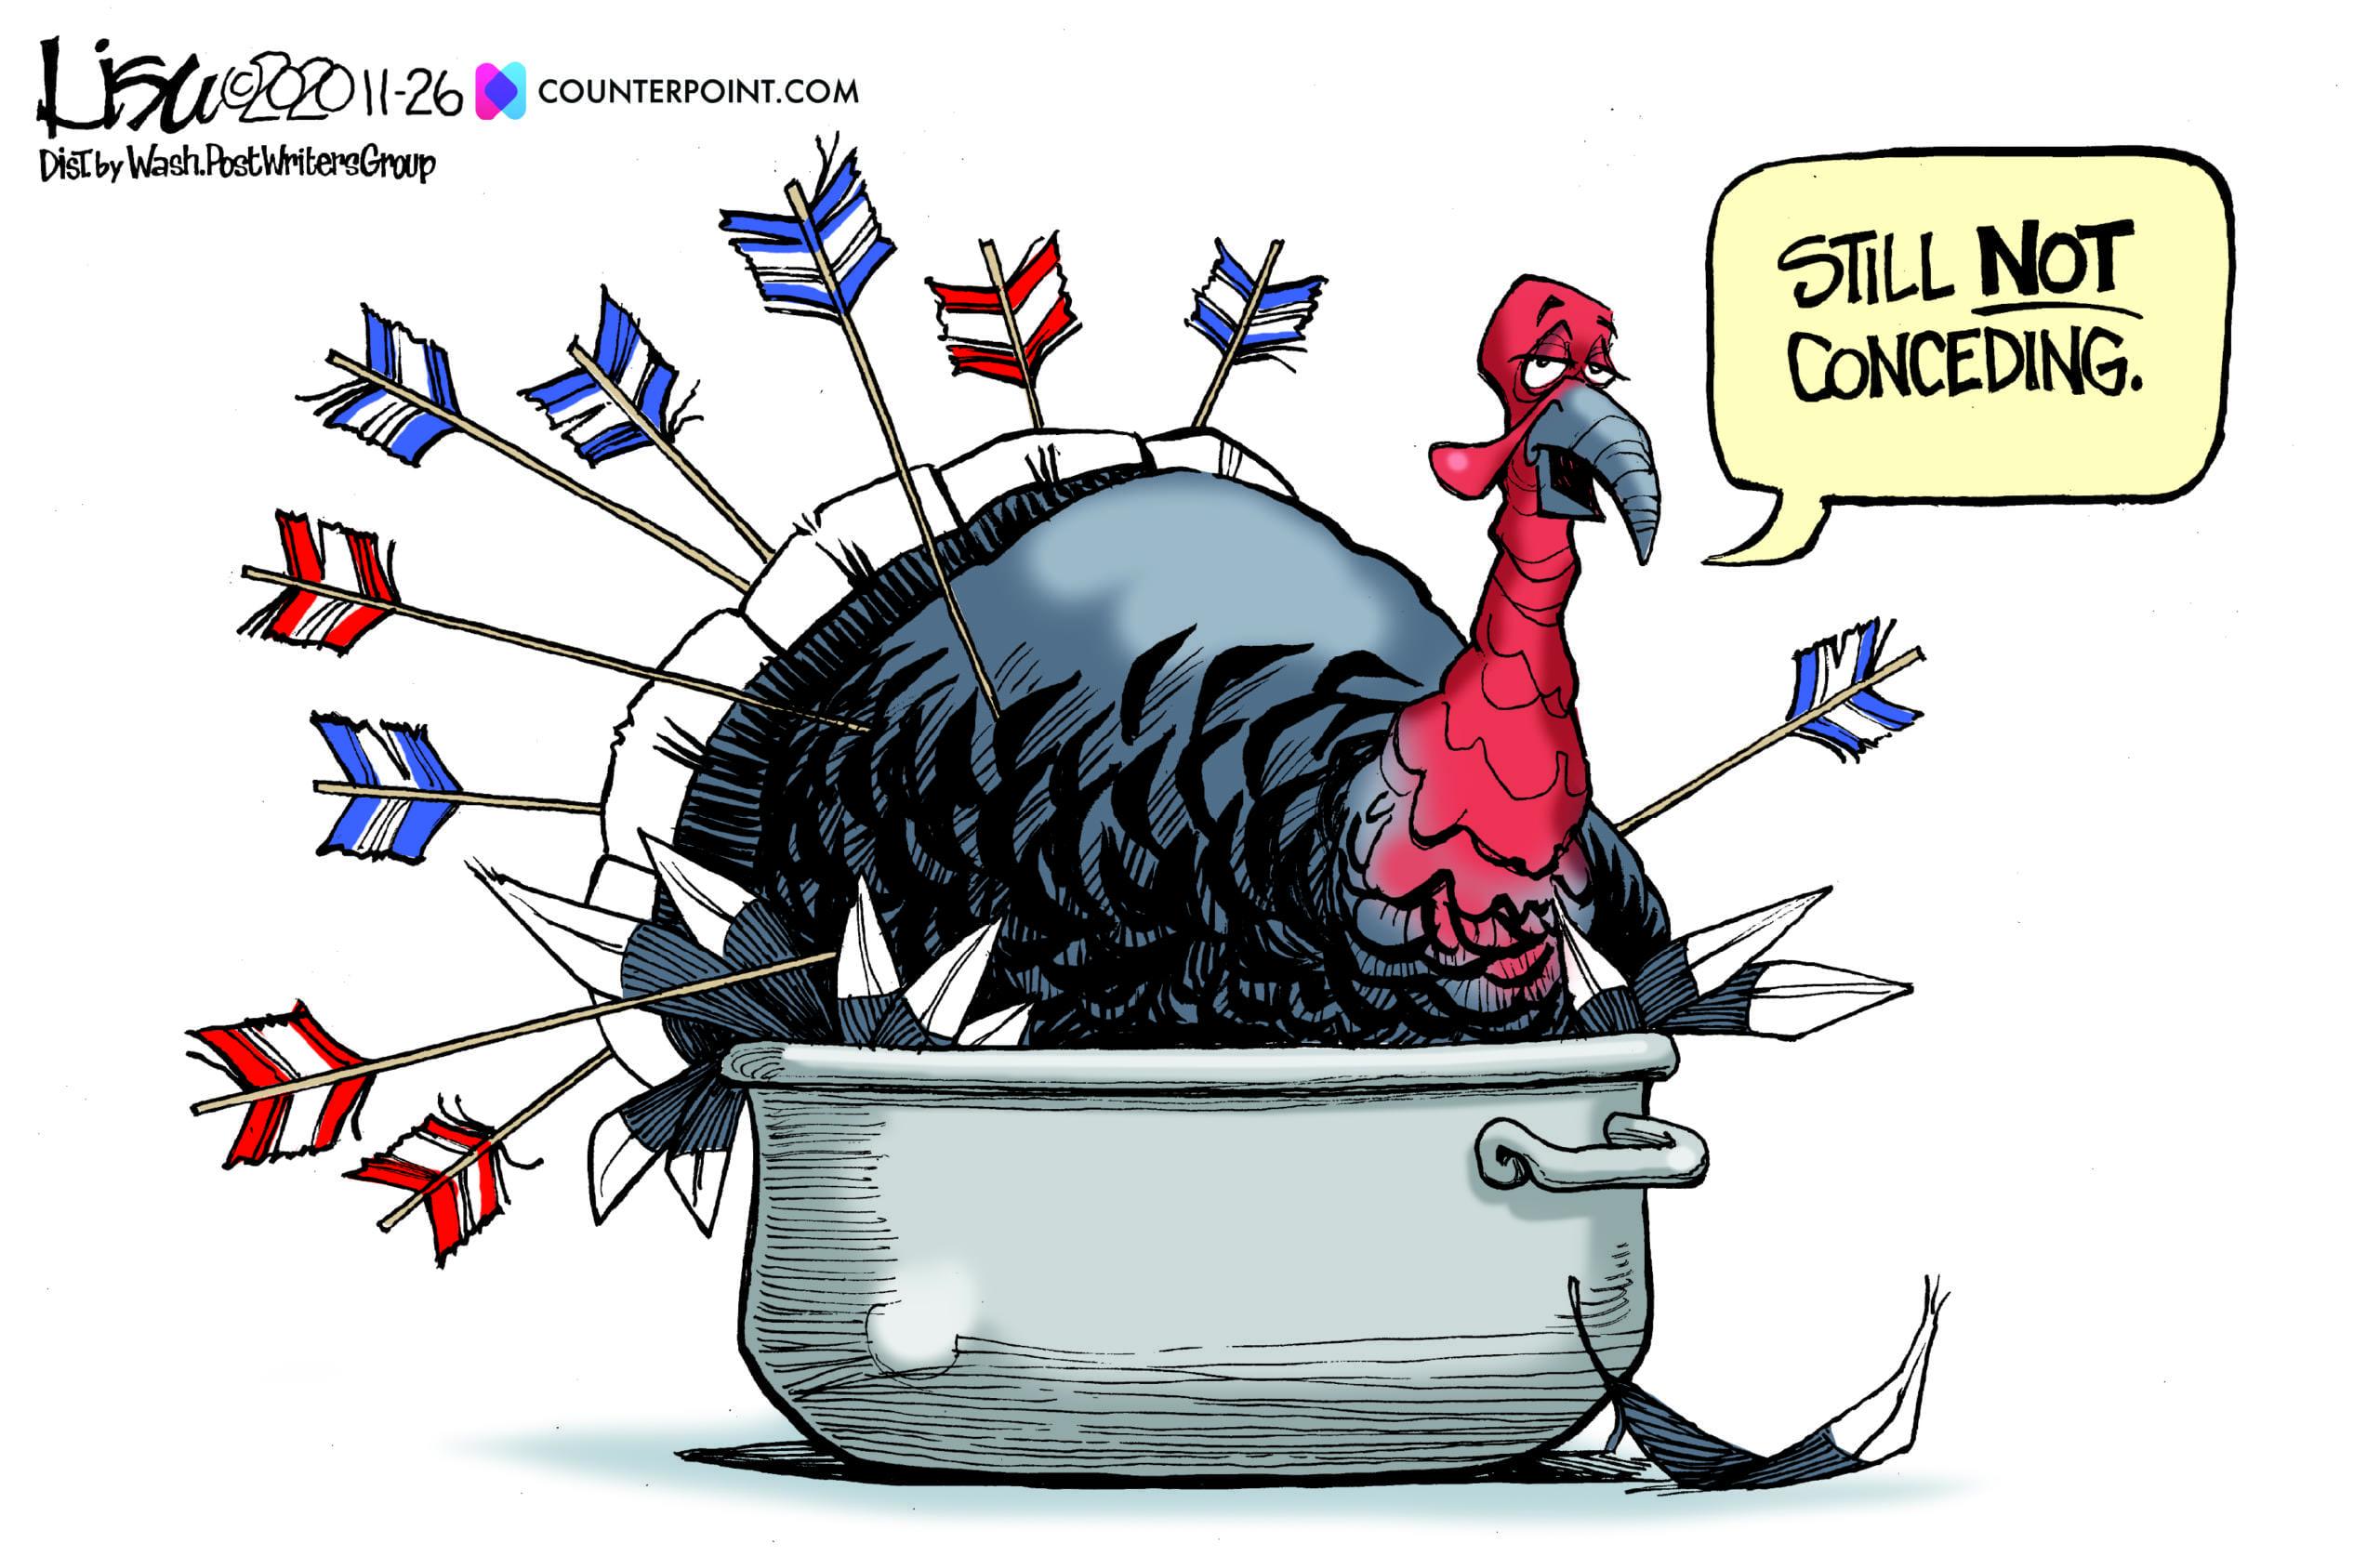 Nov. 28: No Concession